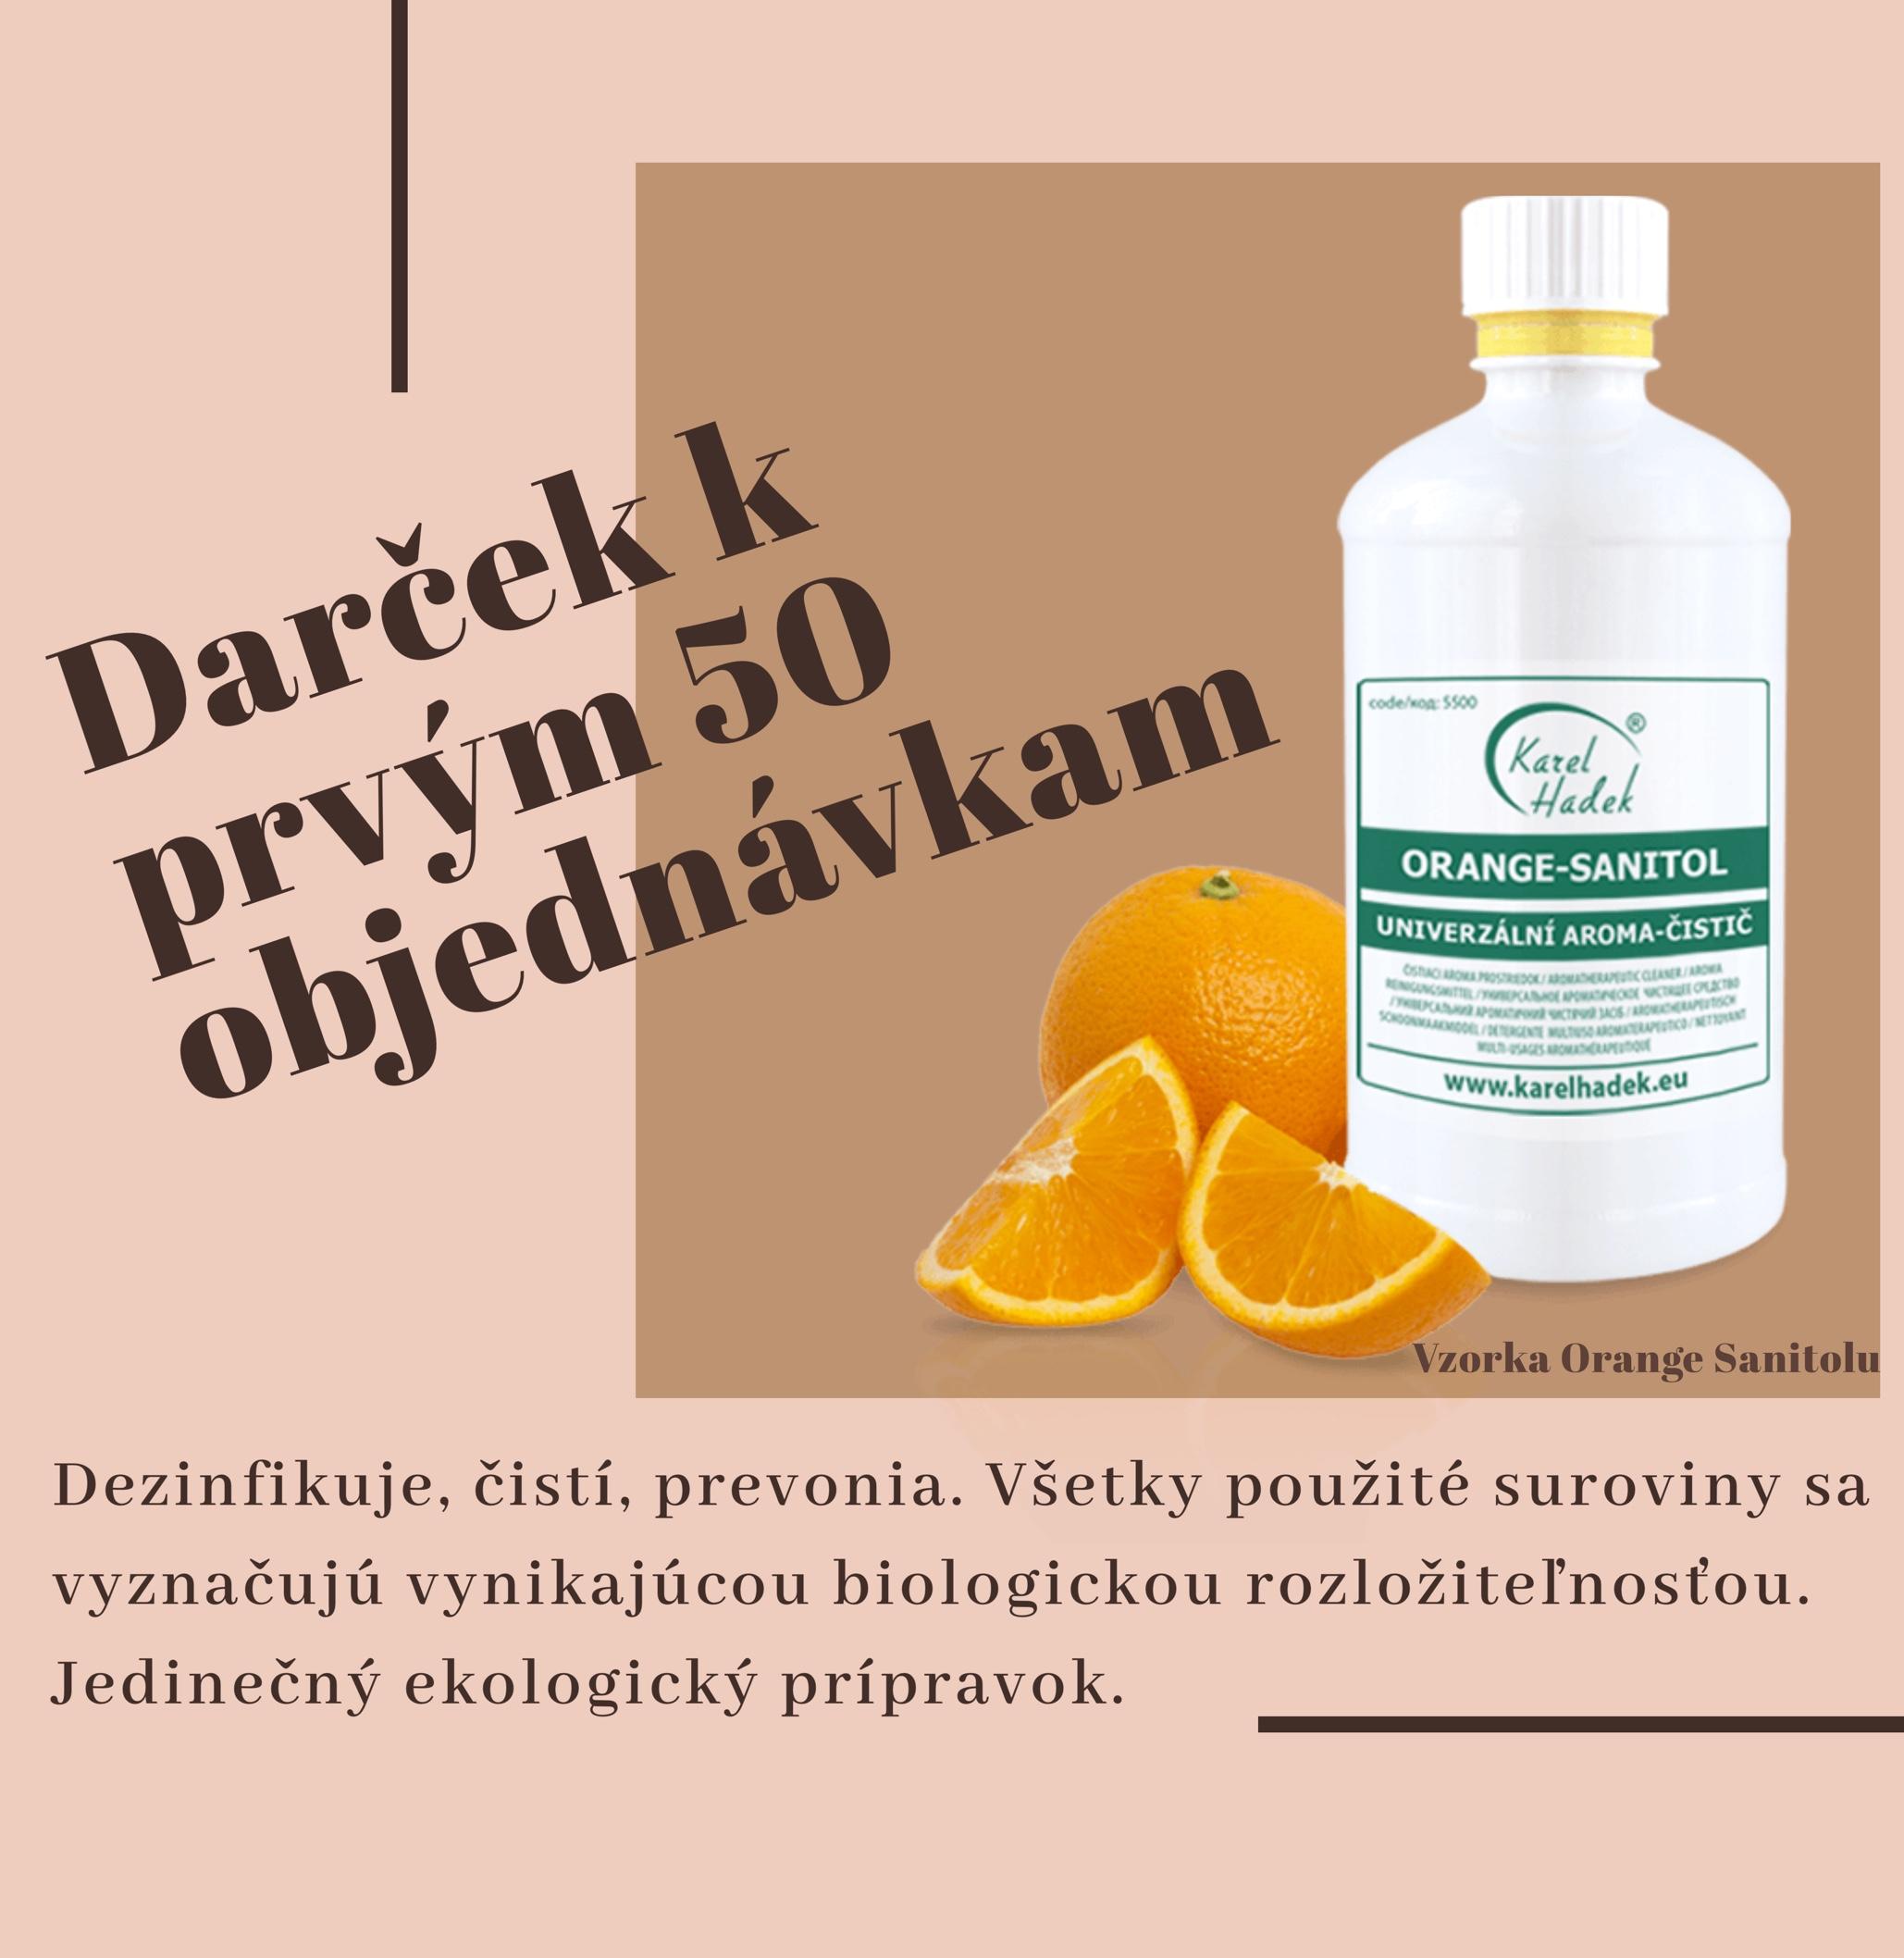 Darček - vzorka Orange Sanitol